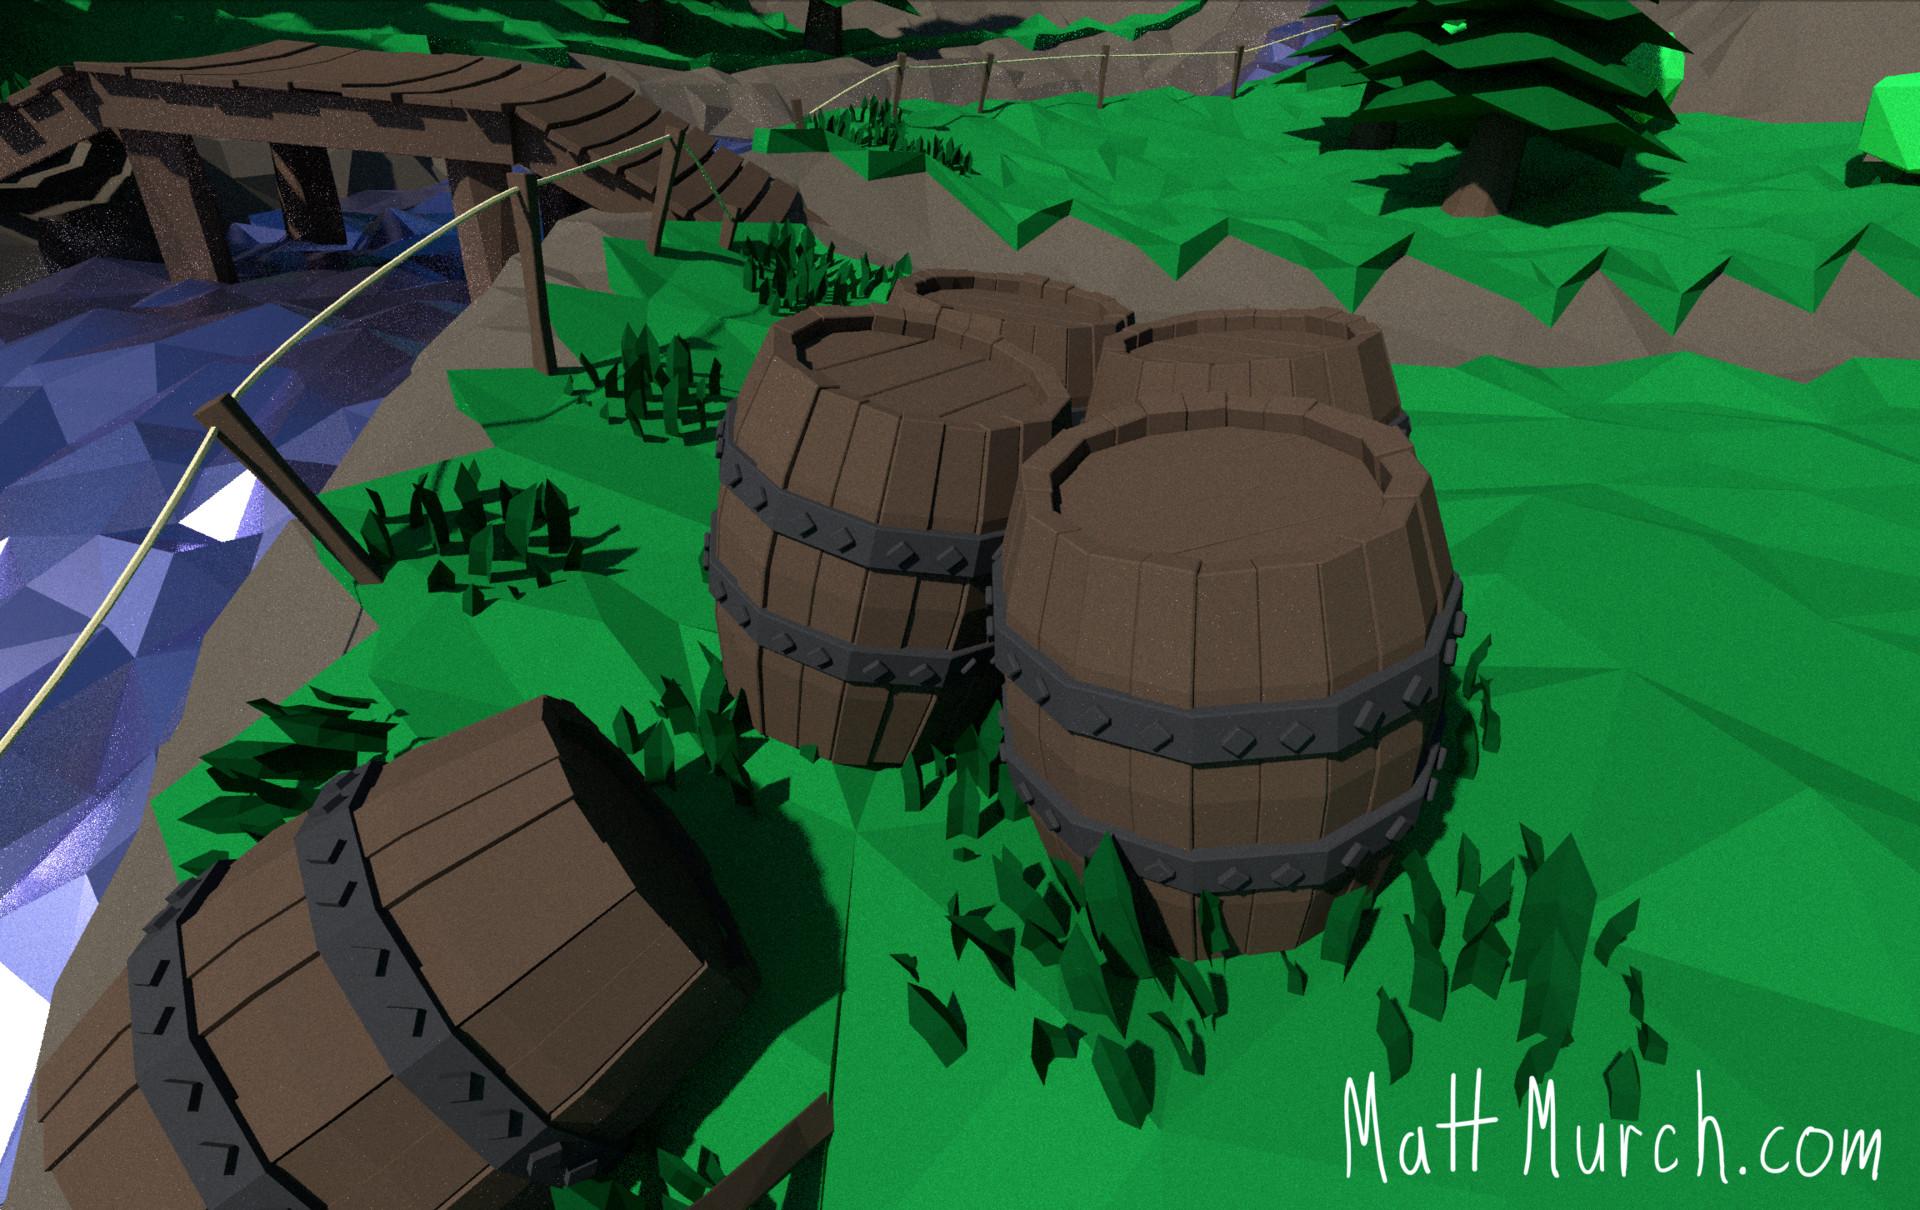 Matt murch barrels